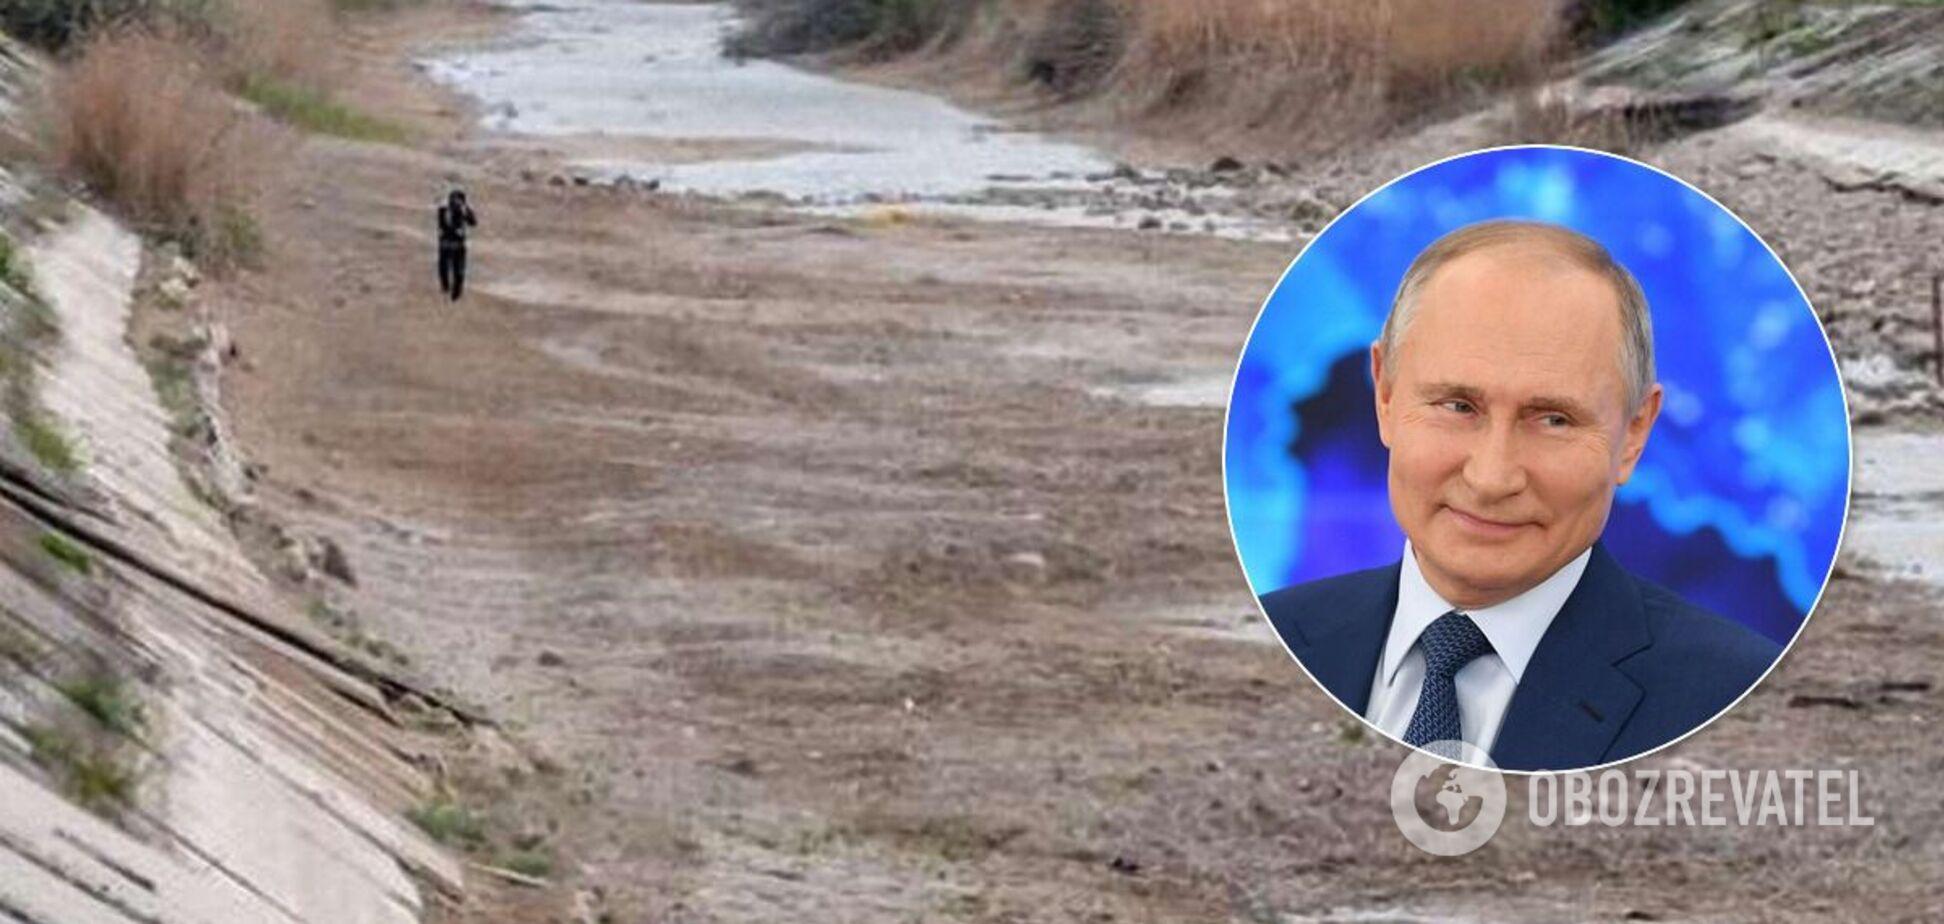 Крымчане отреагировали на слова Путина о воде